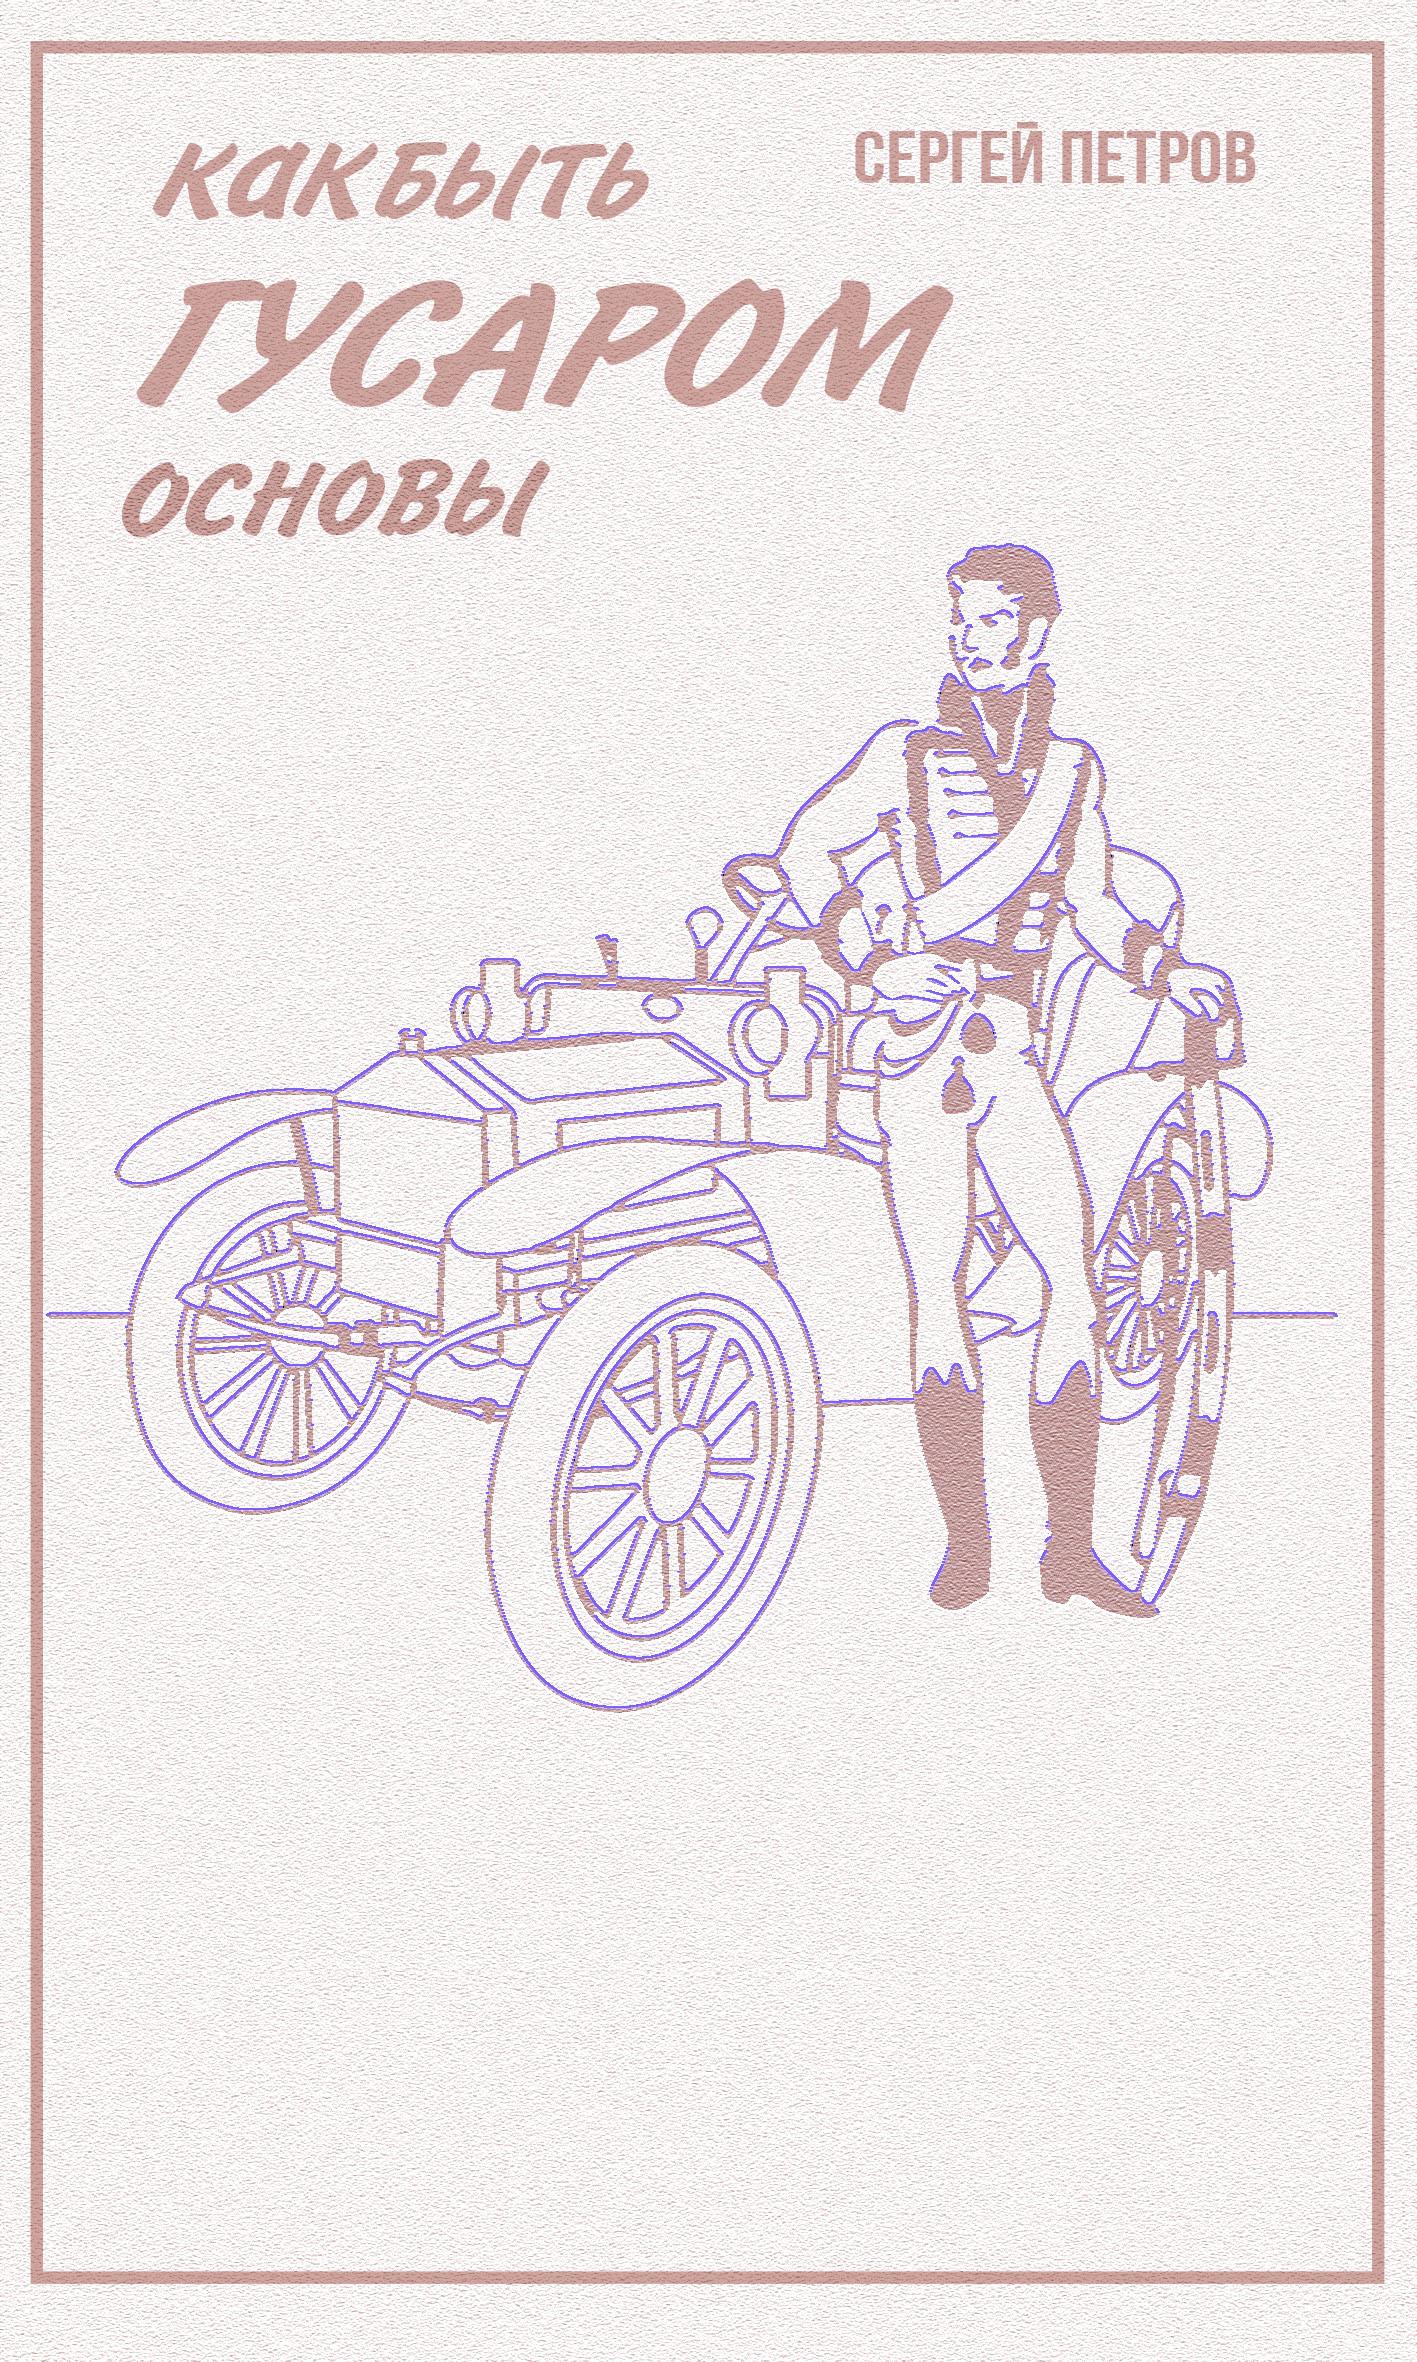 Обложка книги  фото f_7525fb7ea0c610d9.jpg